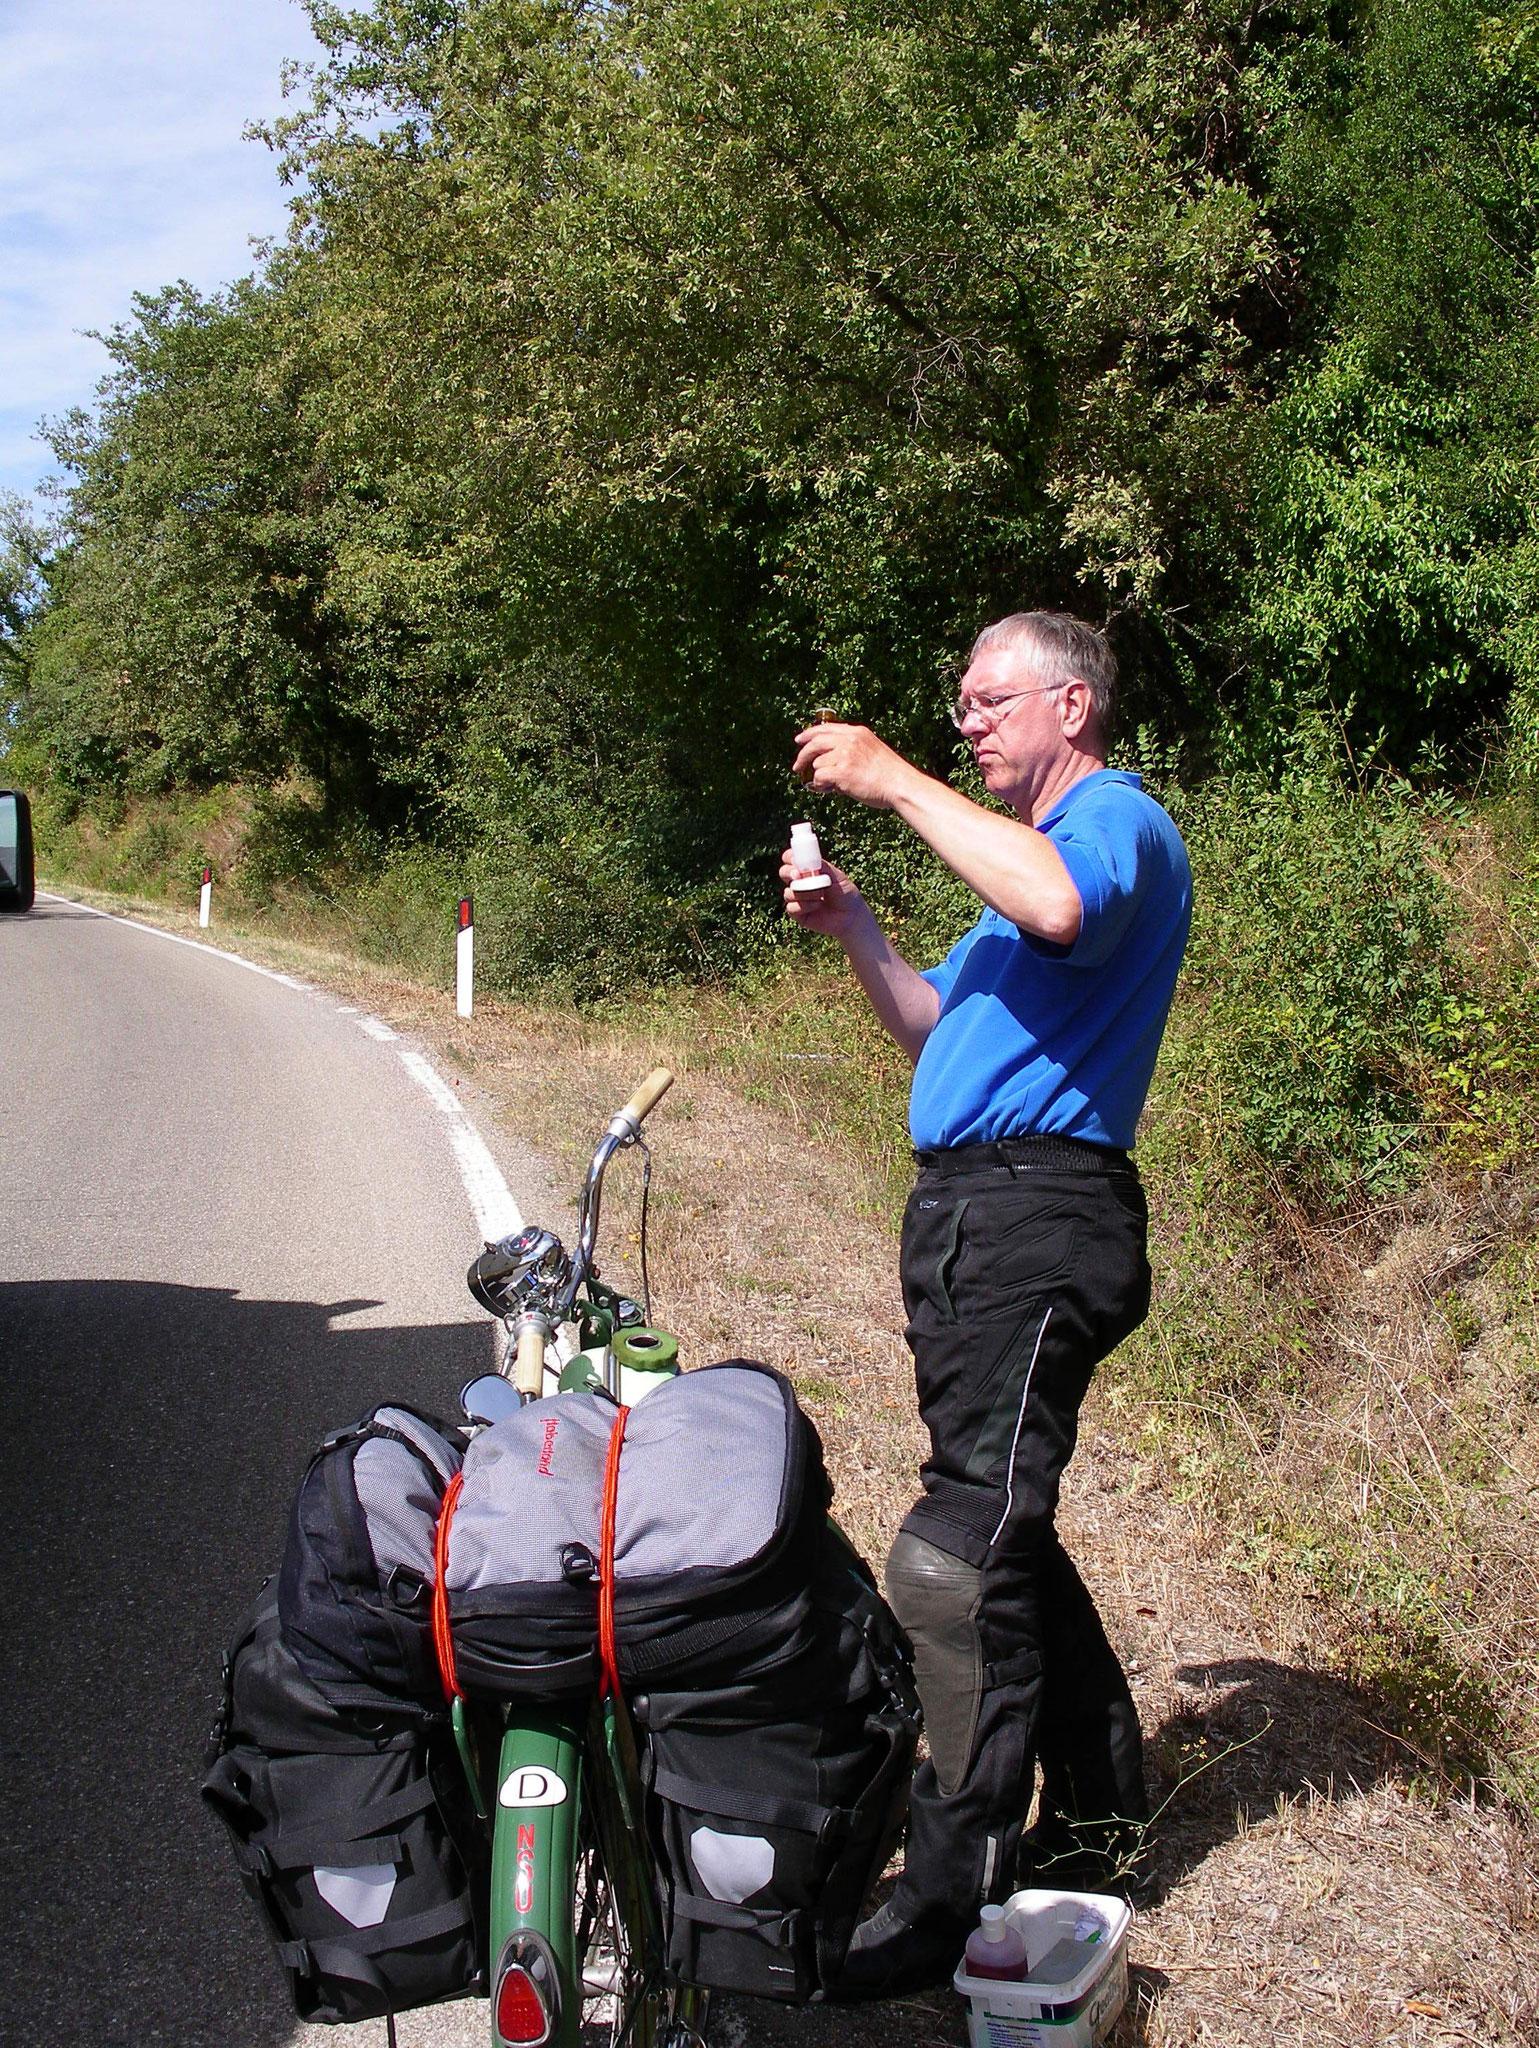 auf der Fahrt in die Toskana ging das Benzin aus